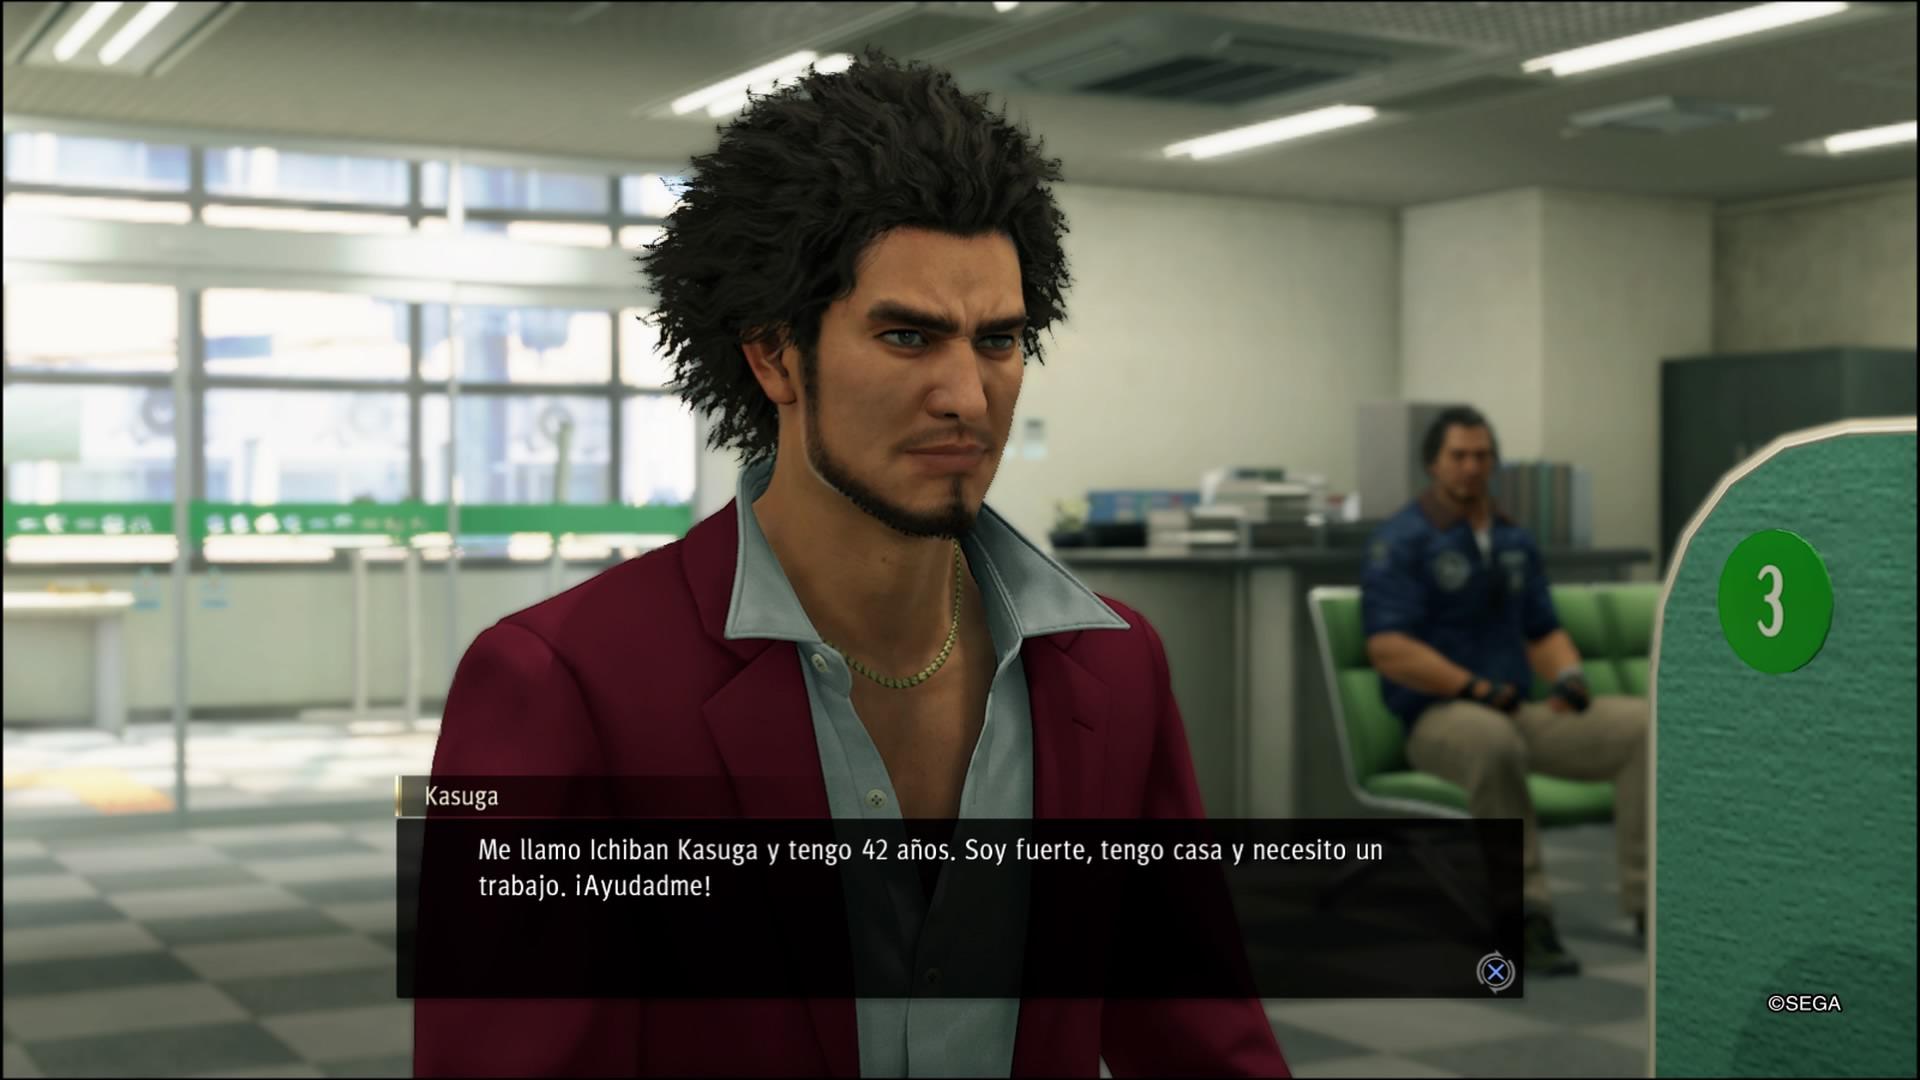 Ichiban en la oficina de empleo buscando trabajo